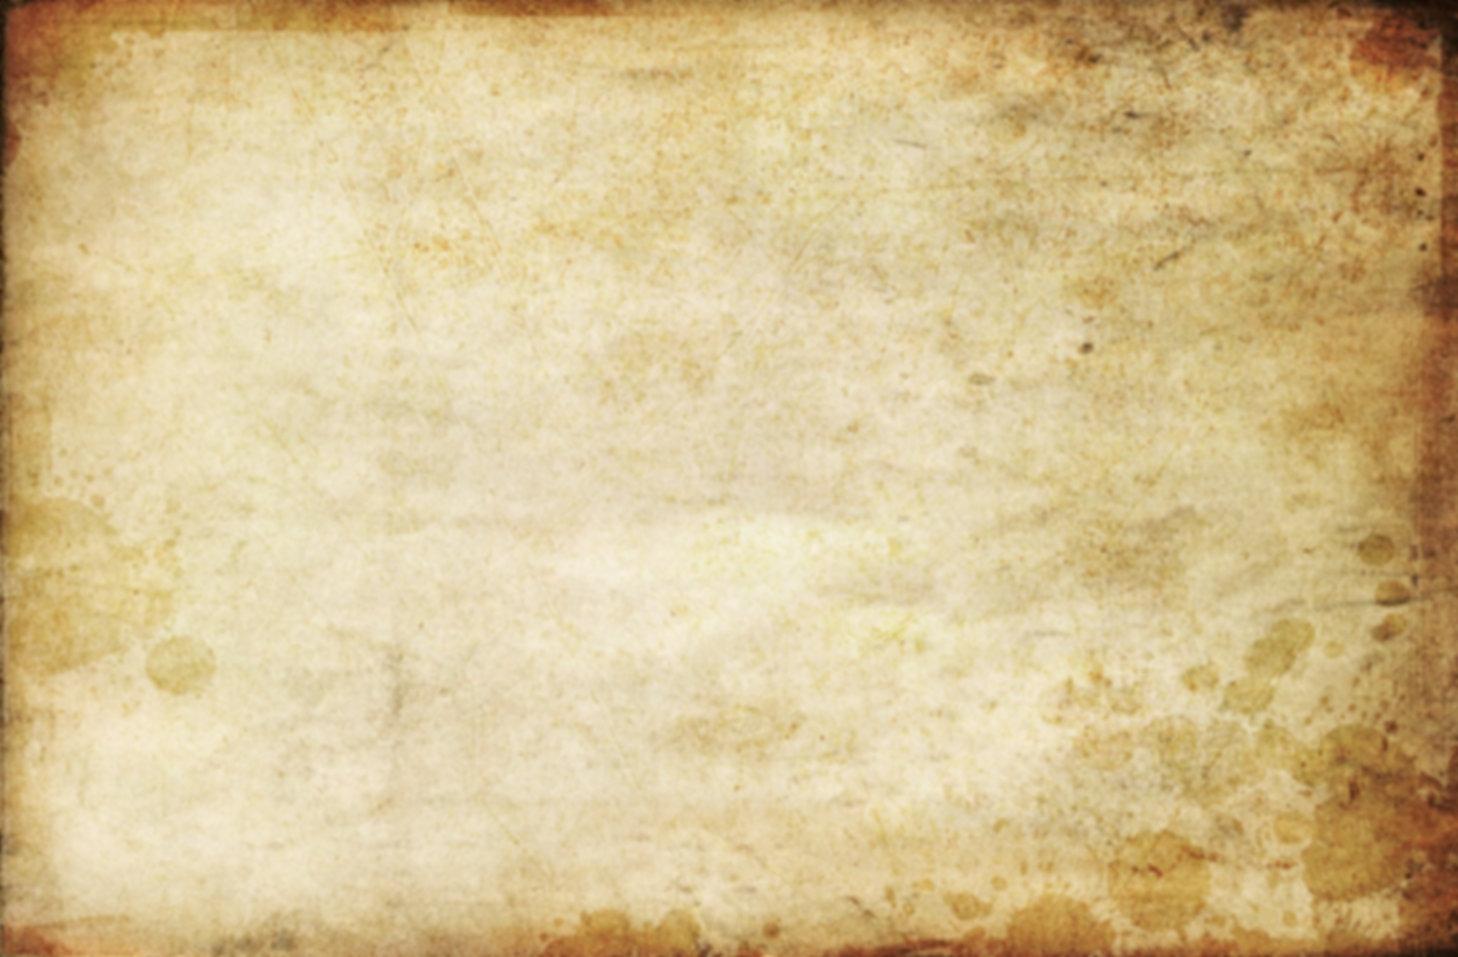 texture-2_edited.jpg